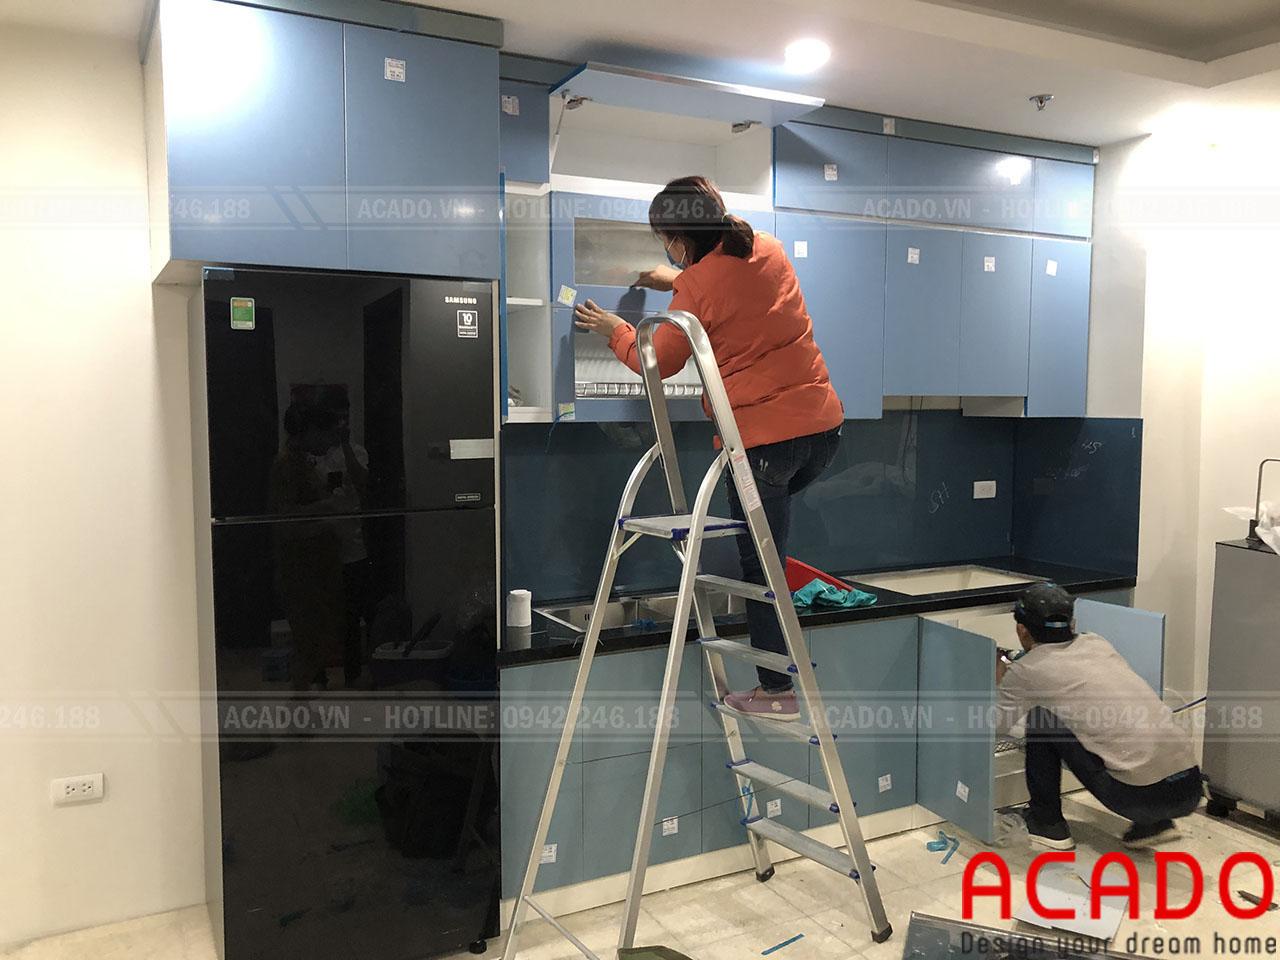 Tủ bếp thiết kế chữ I phù hợp với mọi không gian căn bếp, đặc biệt đối với những căn bếp nhỏ hoặc bếp chung cư